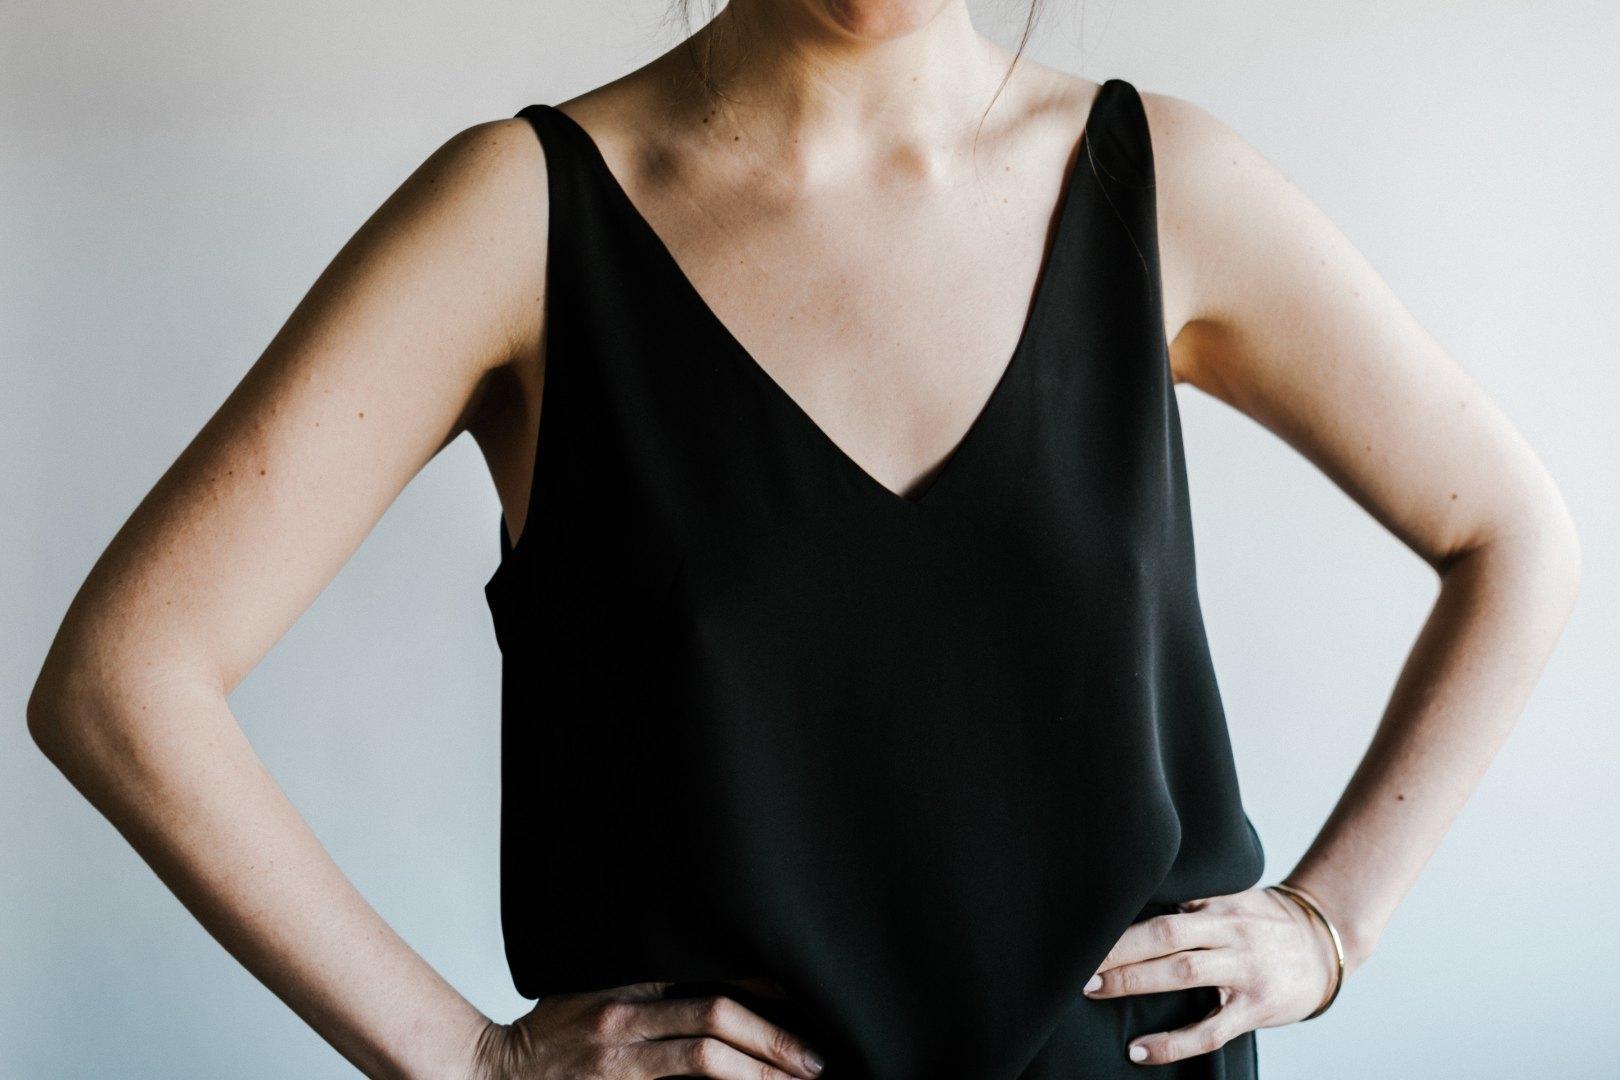 Mein Name ist Caroline Fischer.Ich bin die Inhaberin der Firma Talent & Soul.Ich arbeite als Stylistin,Coach für Deine Persönlichkeit und Bloggerin am Standort Nürnberg.Der Blog heisst:fashionfuntalk.blog